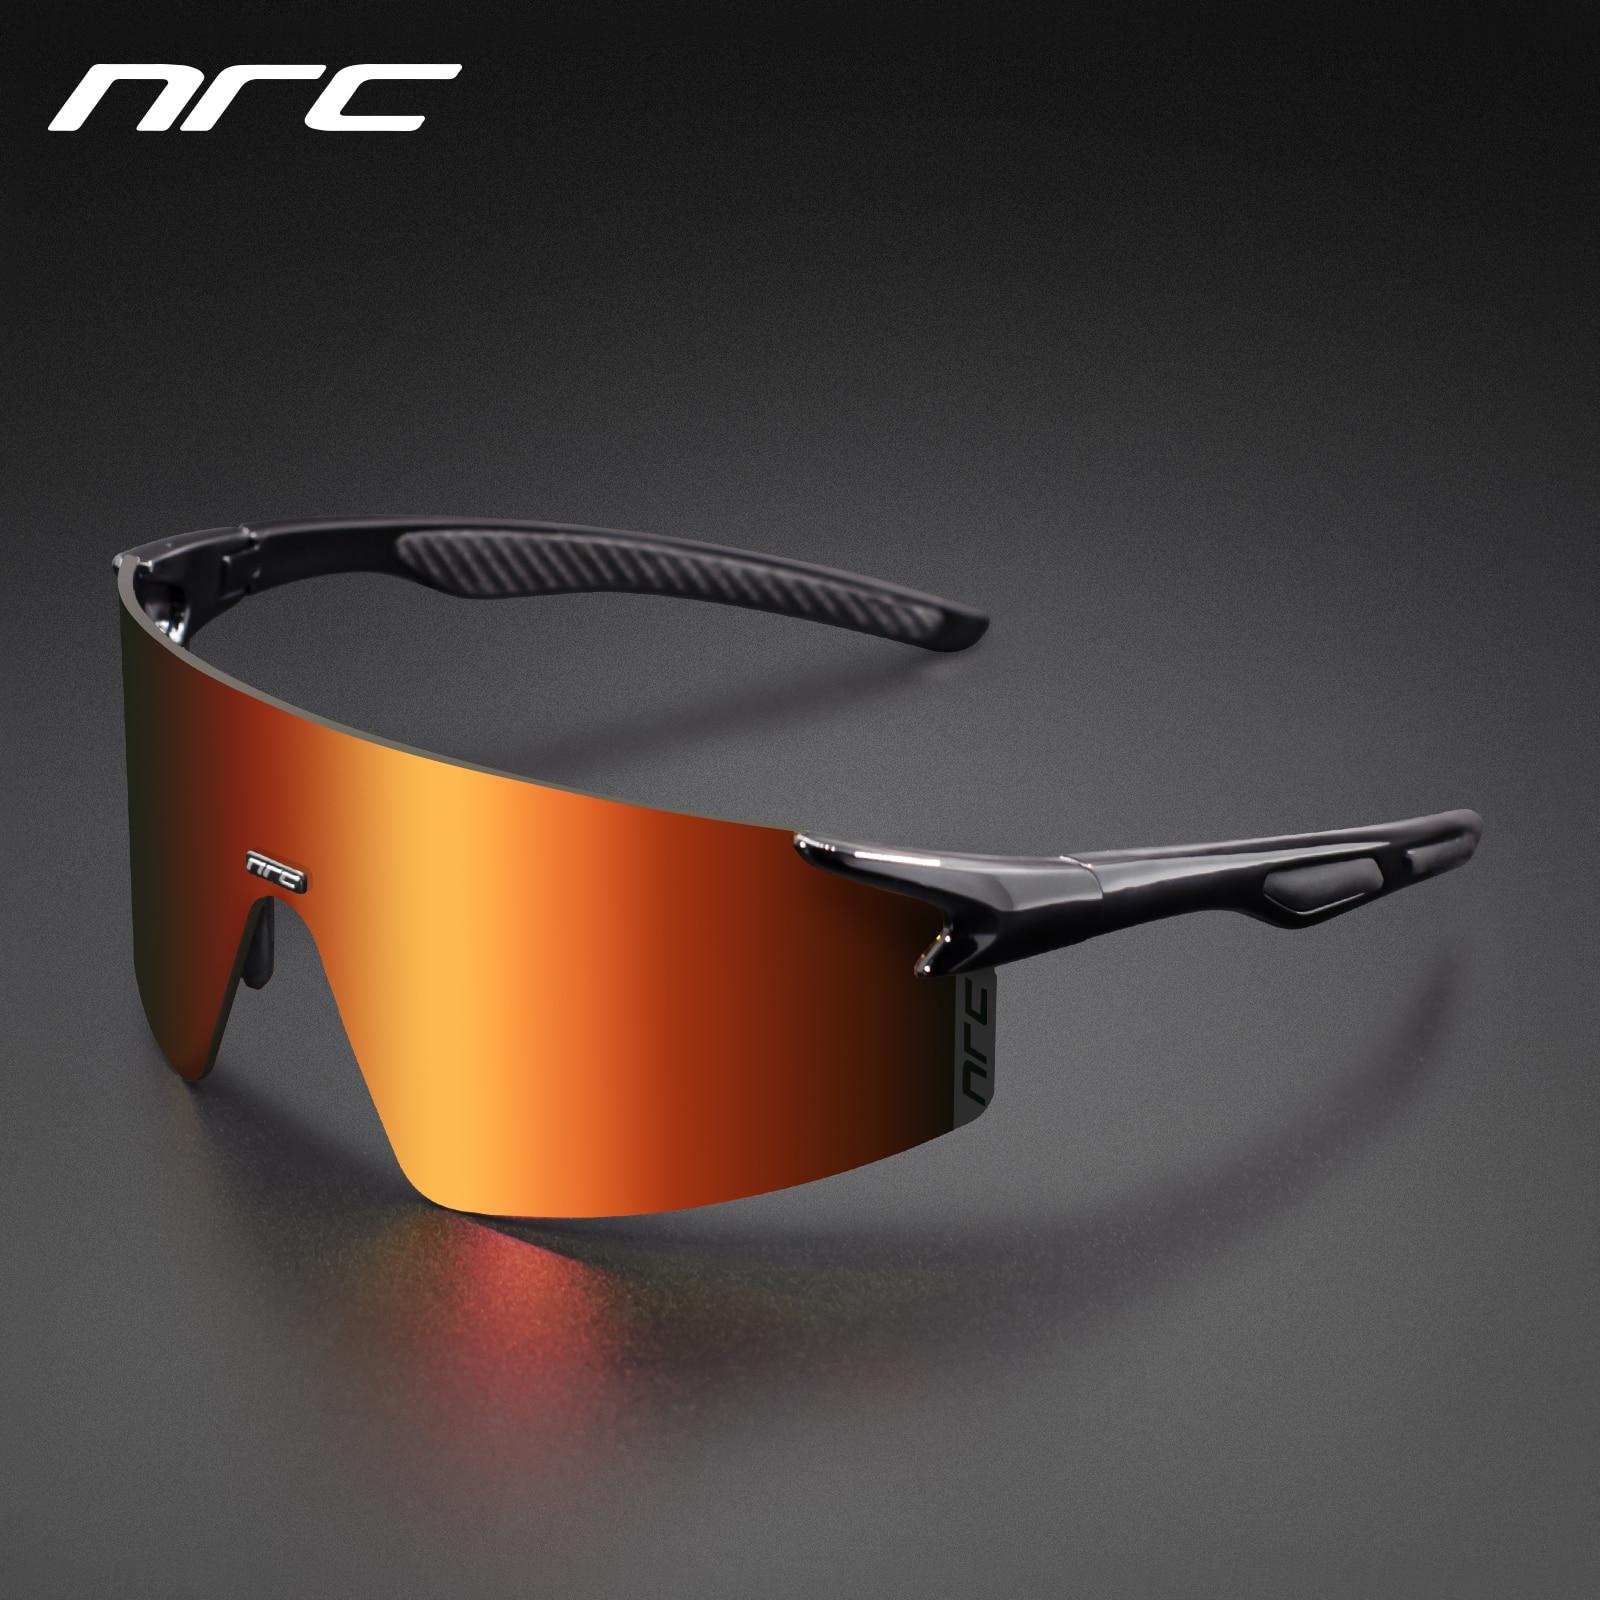 NRC 3 عدسة UV400 الدراجات النظارات TR90 دراجة هوائية للرياضة نظارات الدراجة الجبلية MTB الصيد التنزه ركوب نظارات للرجال النساء